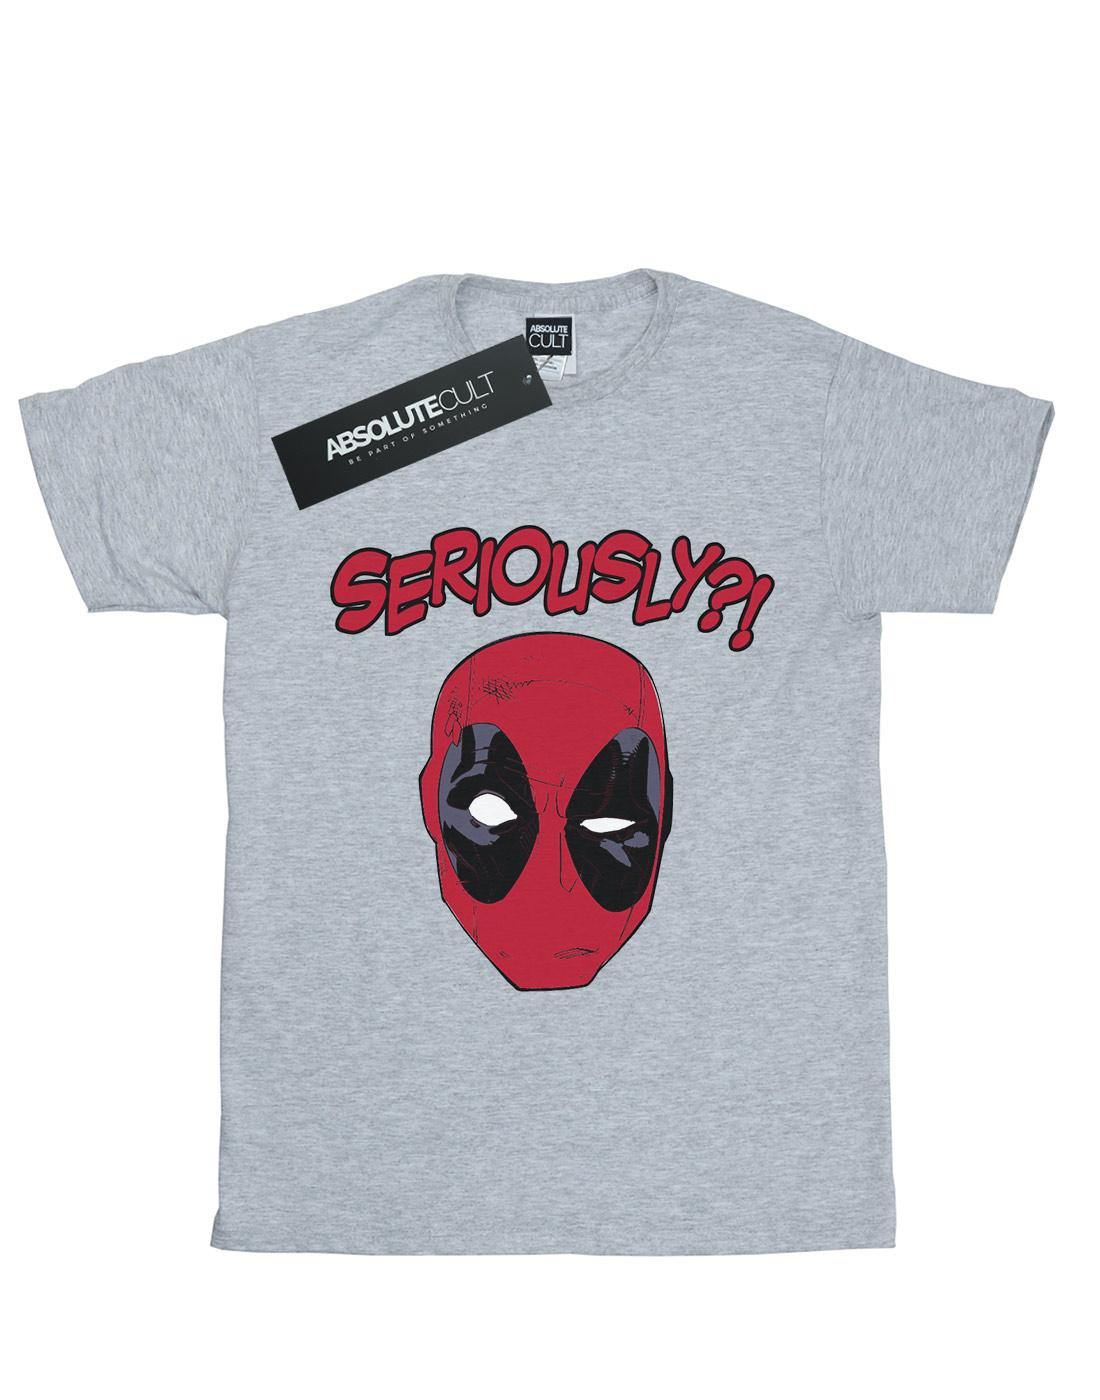 Marvel Boys Deadpool Seriously T-Shirt